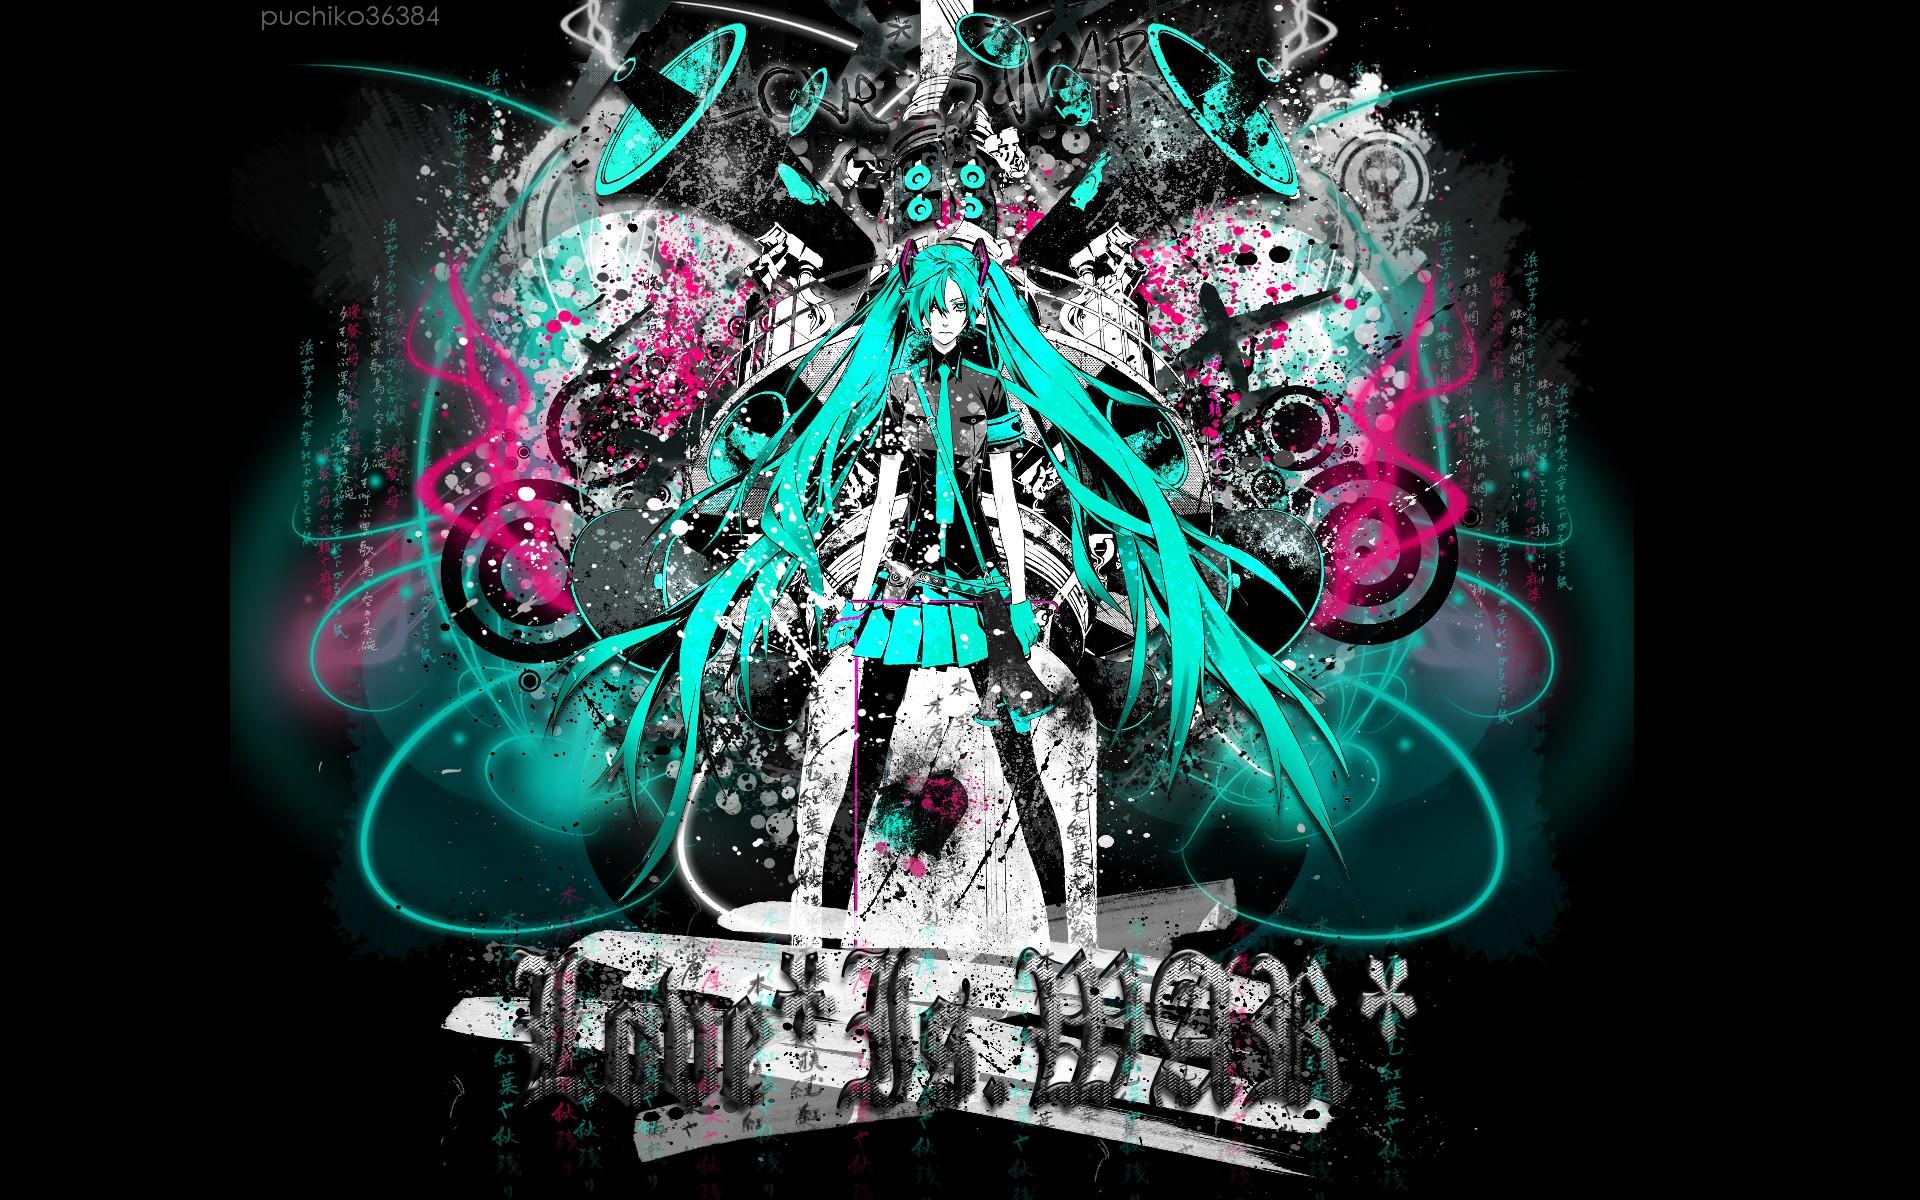 Hatsune Miku Koi Wa Sensou Vocaloid Miwa Shirow Vocaloid Konachan Com Konachan Com Anime Wallpapers